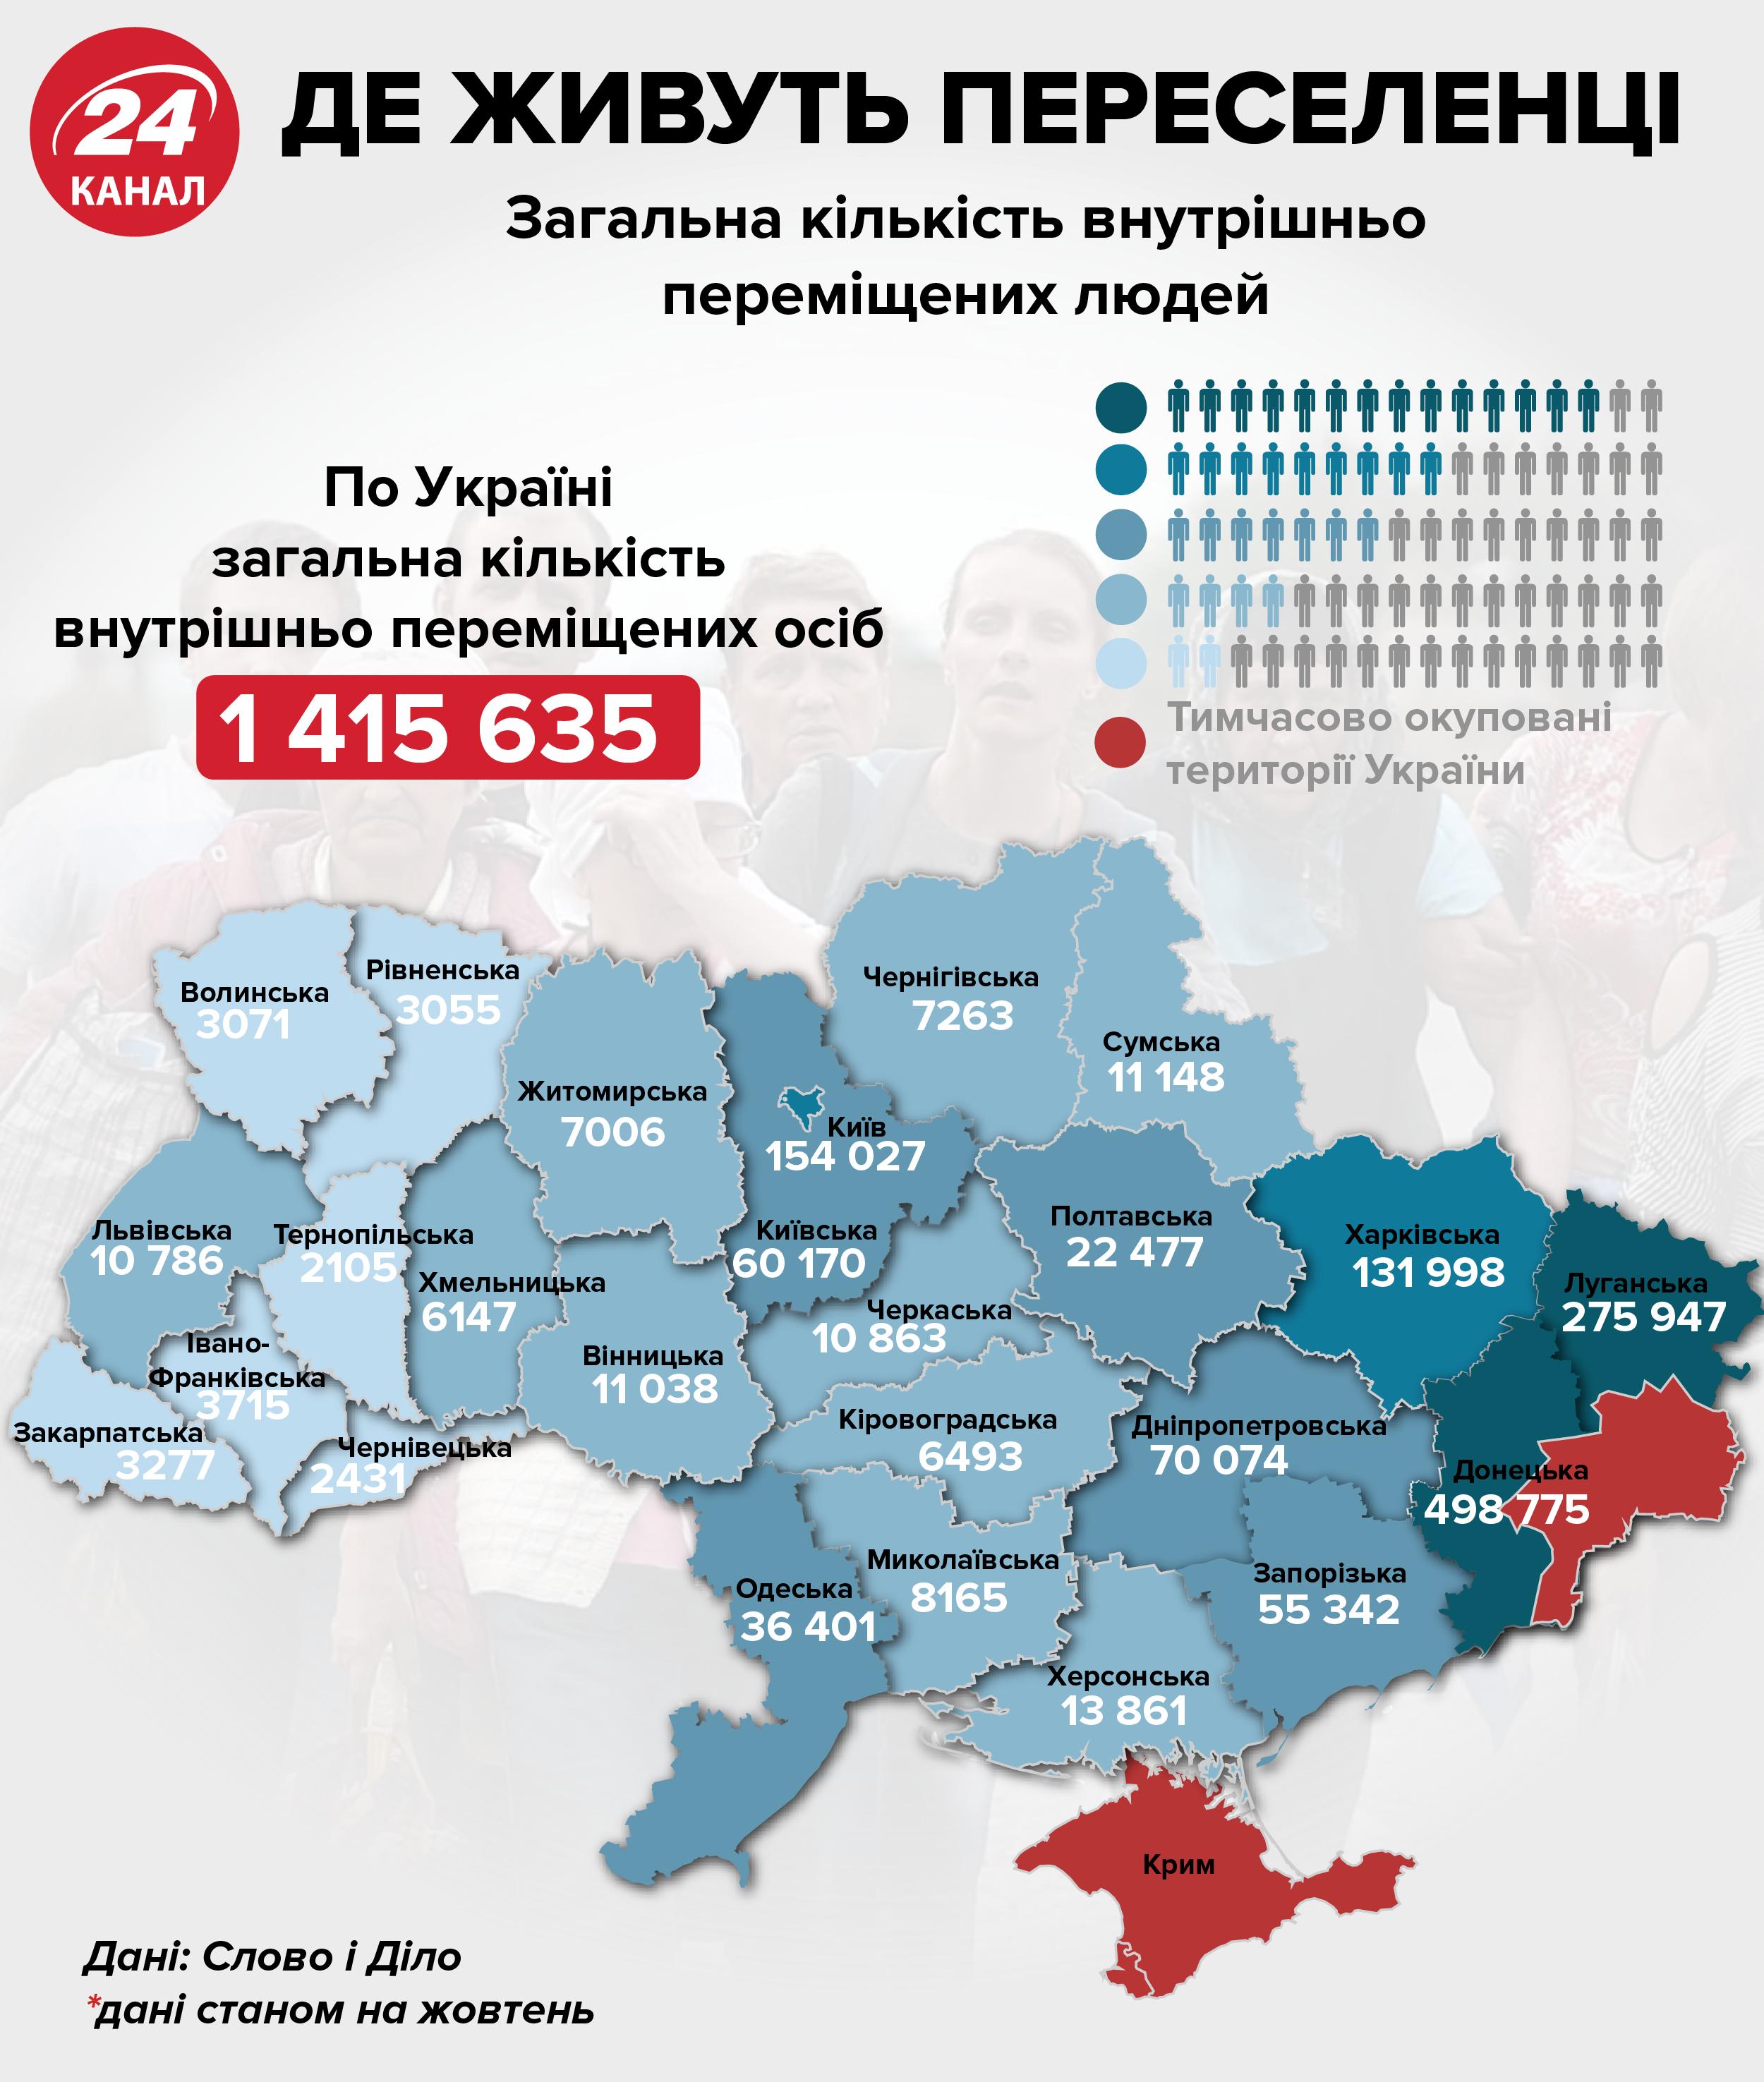 де живе найбільше переселенців Україна Донбас статистика